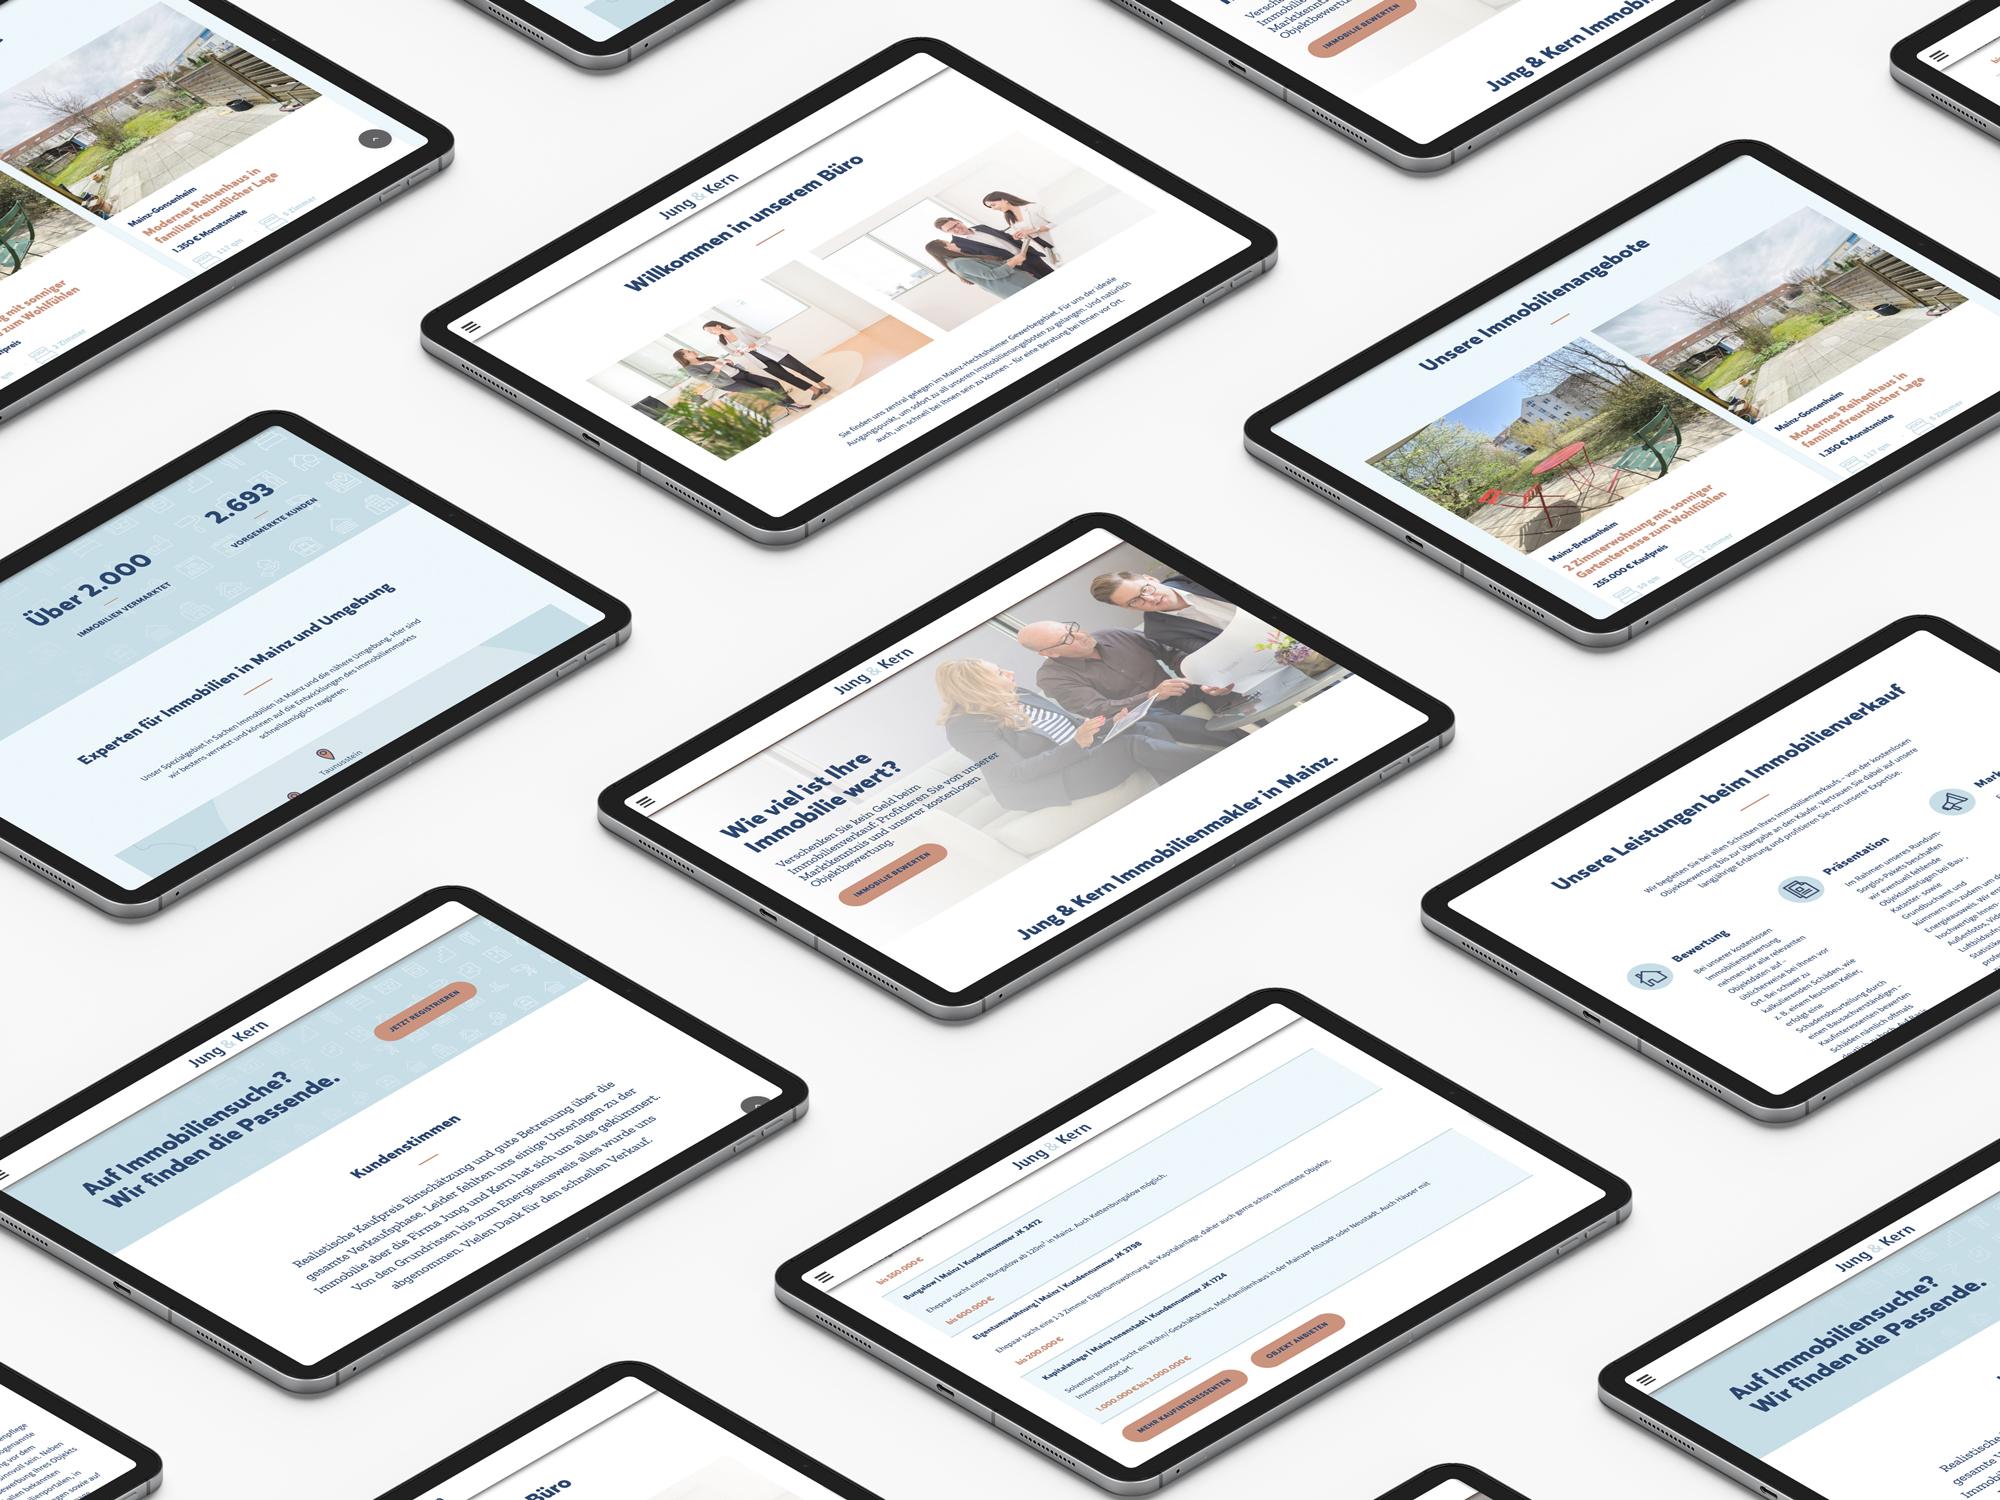 jung und kern Immobilienmakler Webdesign Padansicht